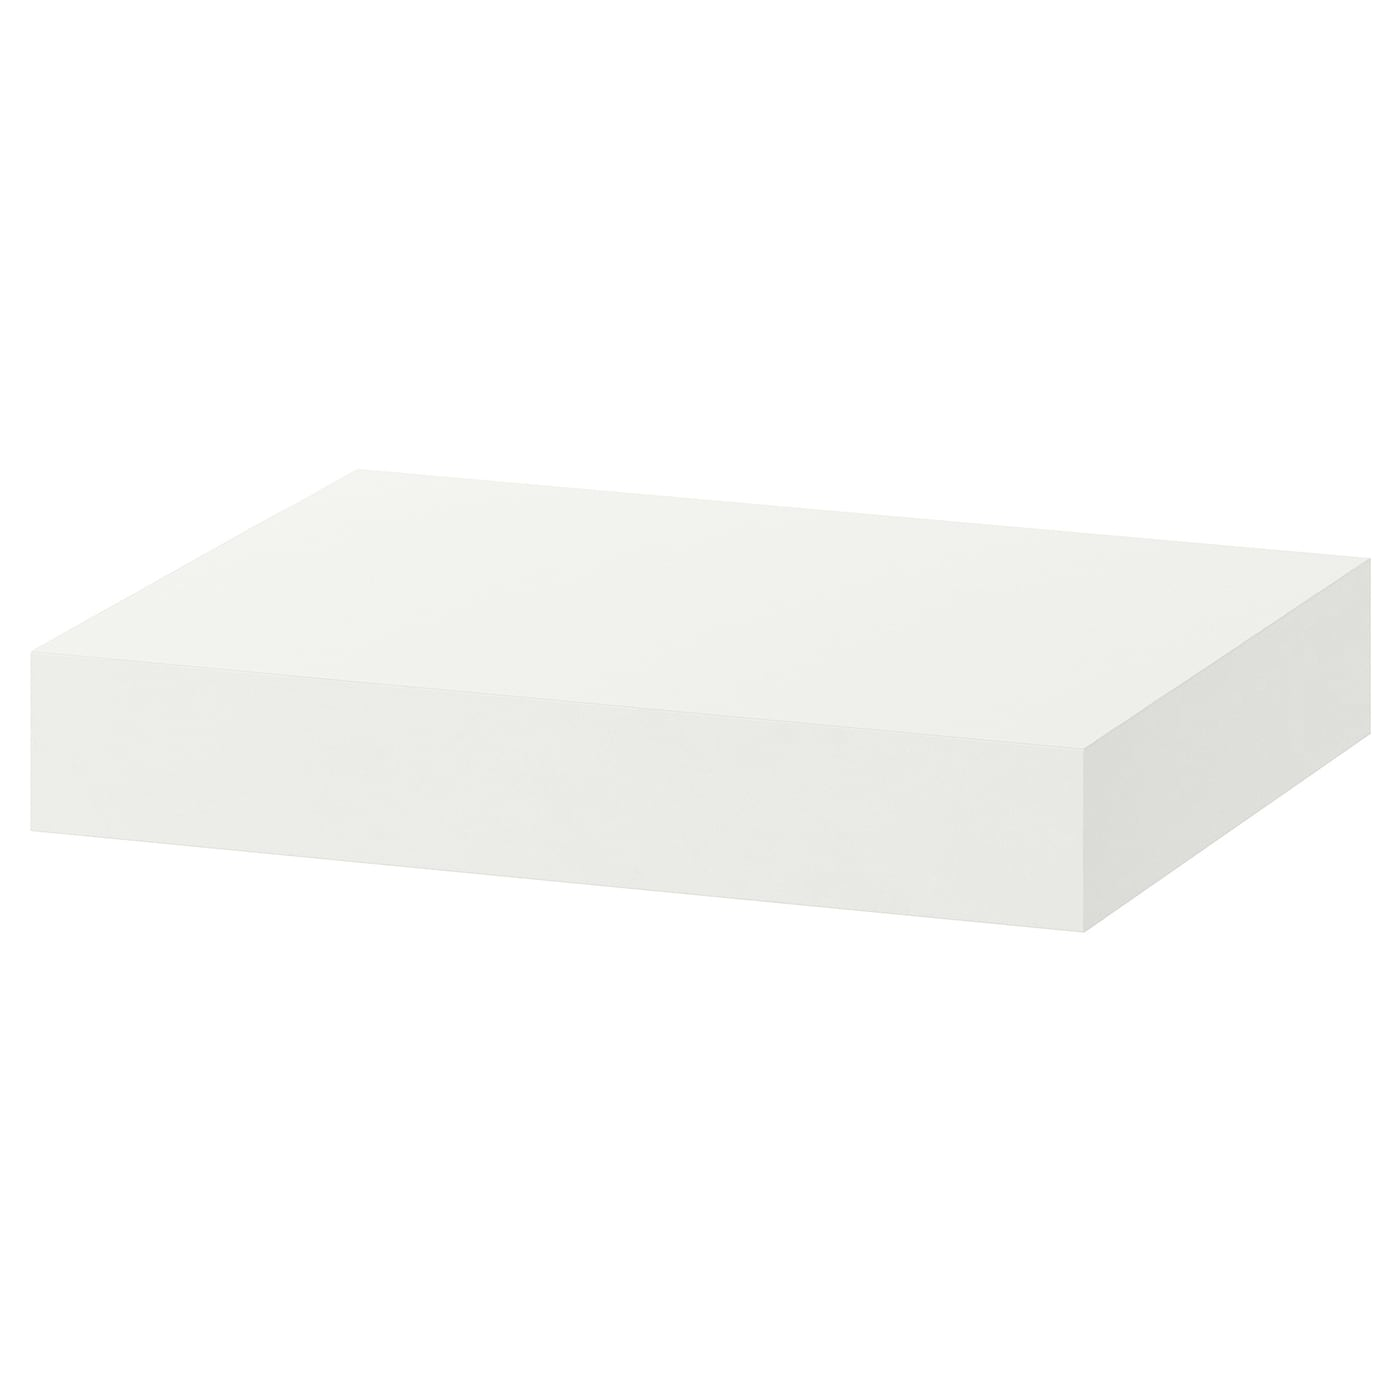 Plank Aan Muur Bevestigen Vervolgens Met De Houtbeitels De Ruimte